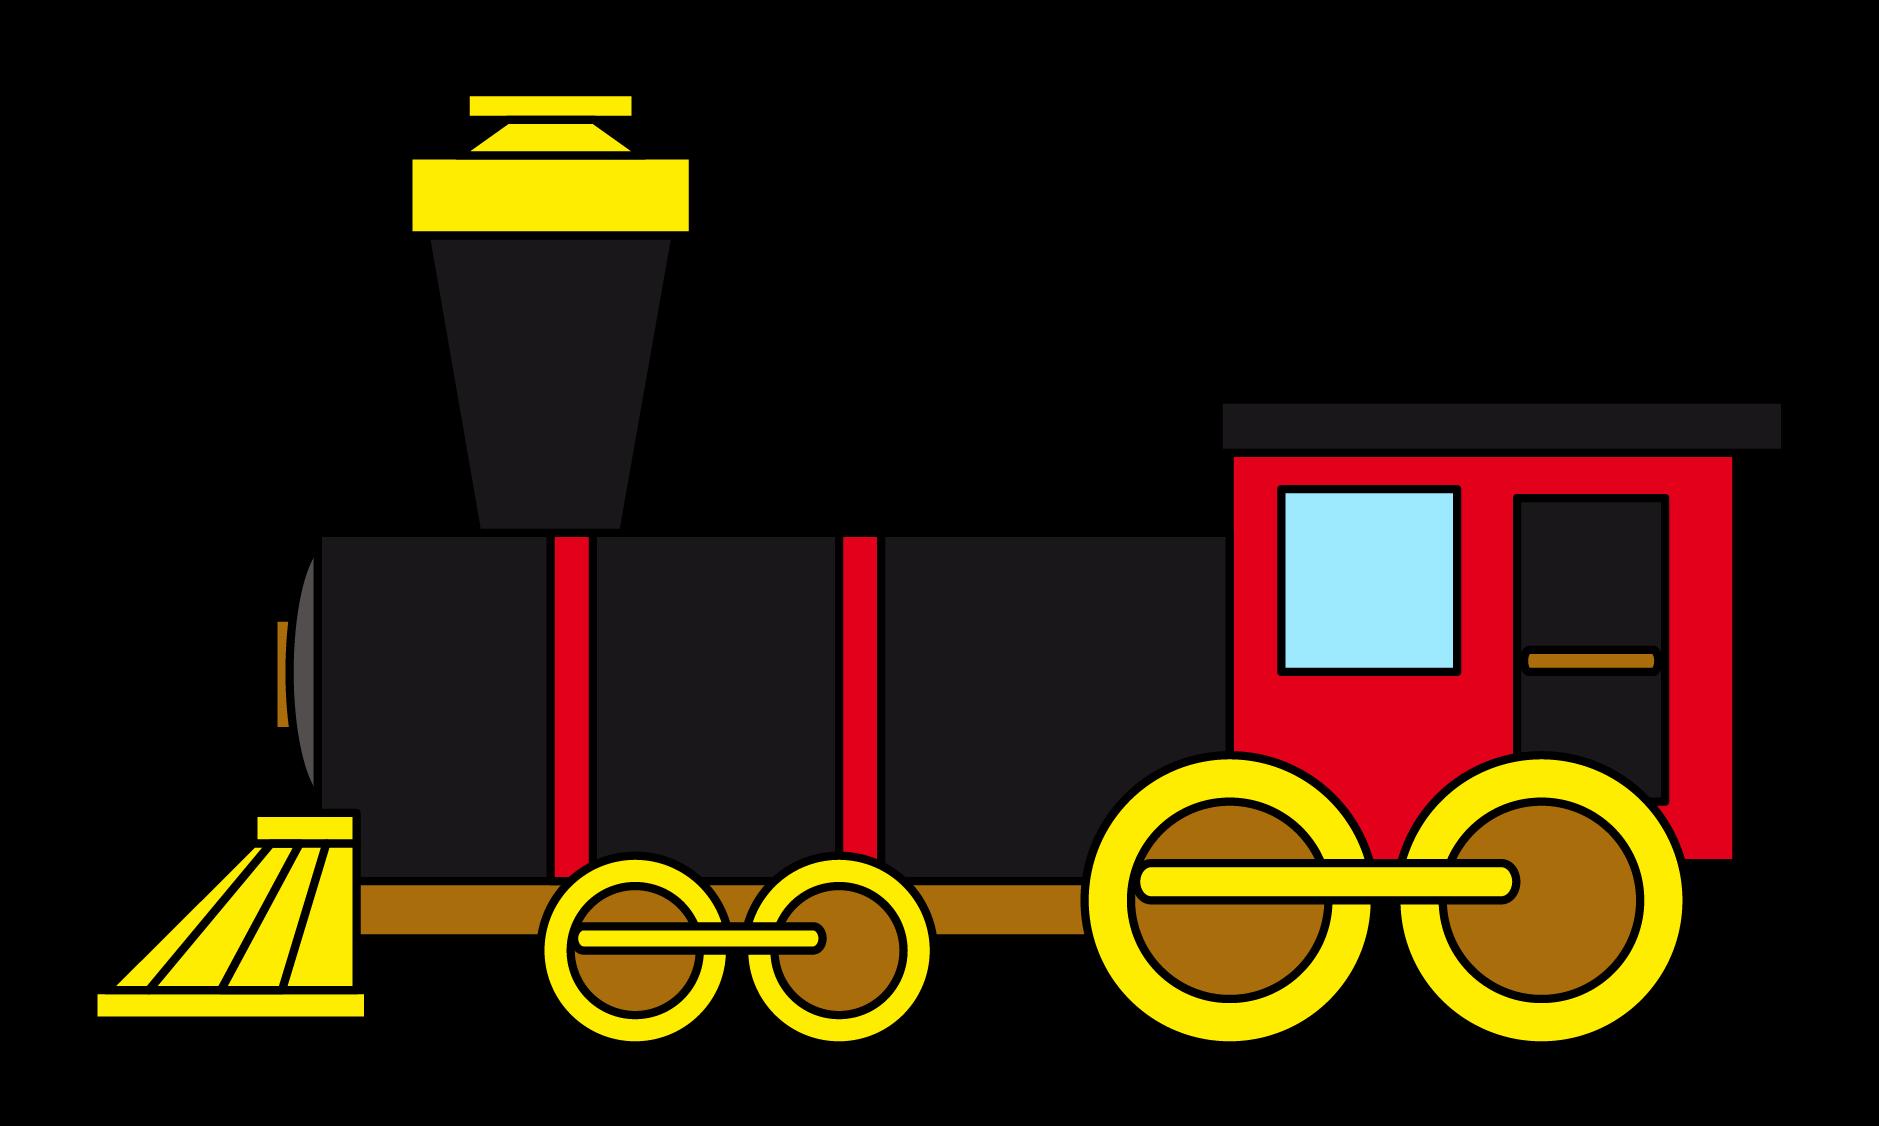 Free To Use U0026 Public Domain Train Cl-Free to Use u0026 Public Domain Train Clip Art-3